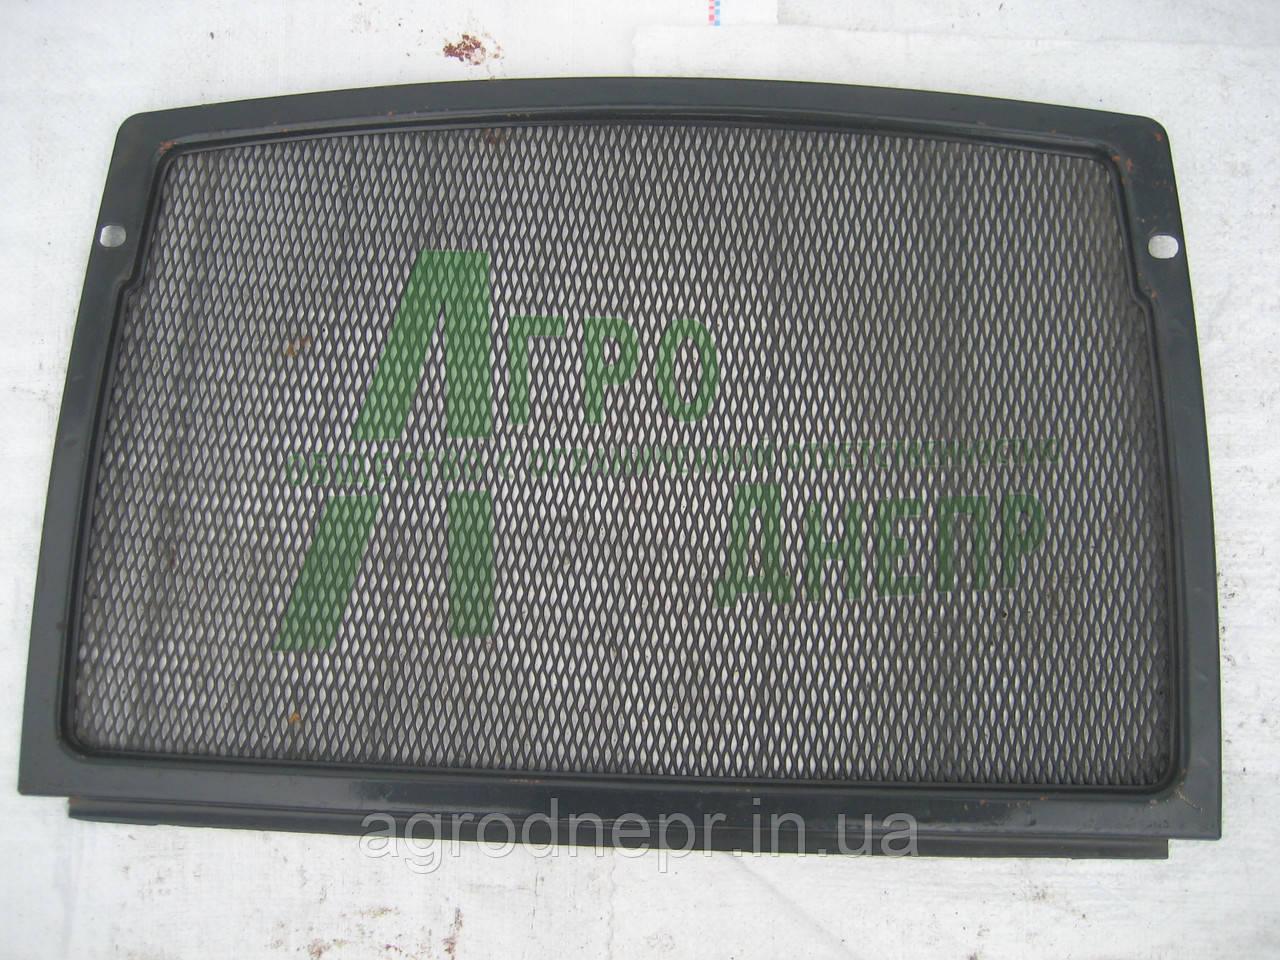 Решетка облицовки (капота) ЮМЗ 45-8401070-А1